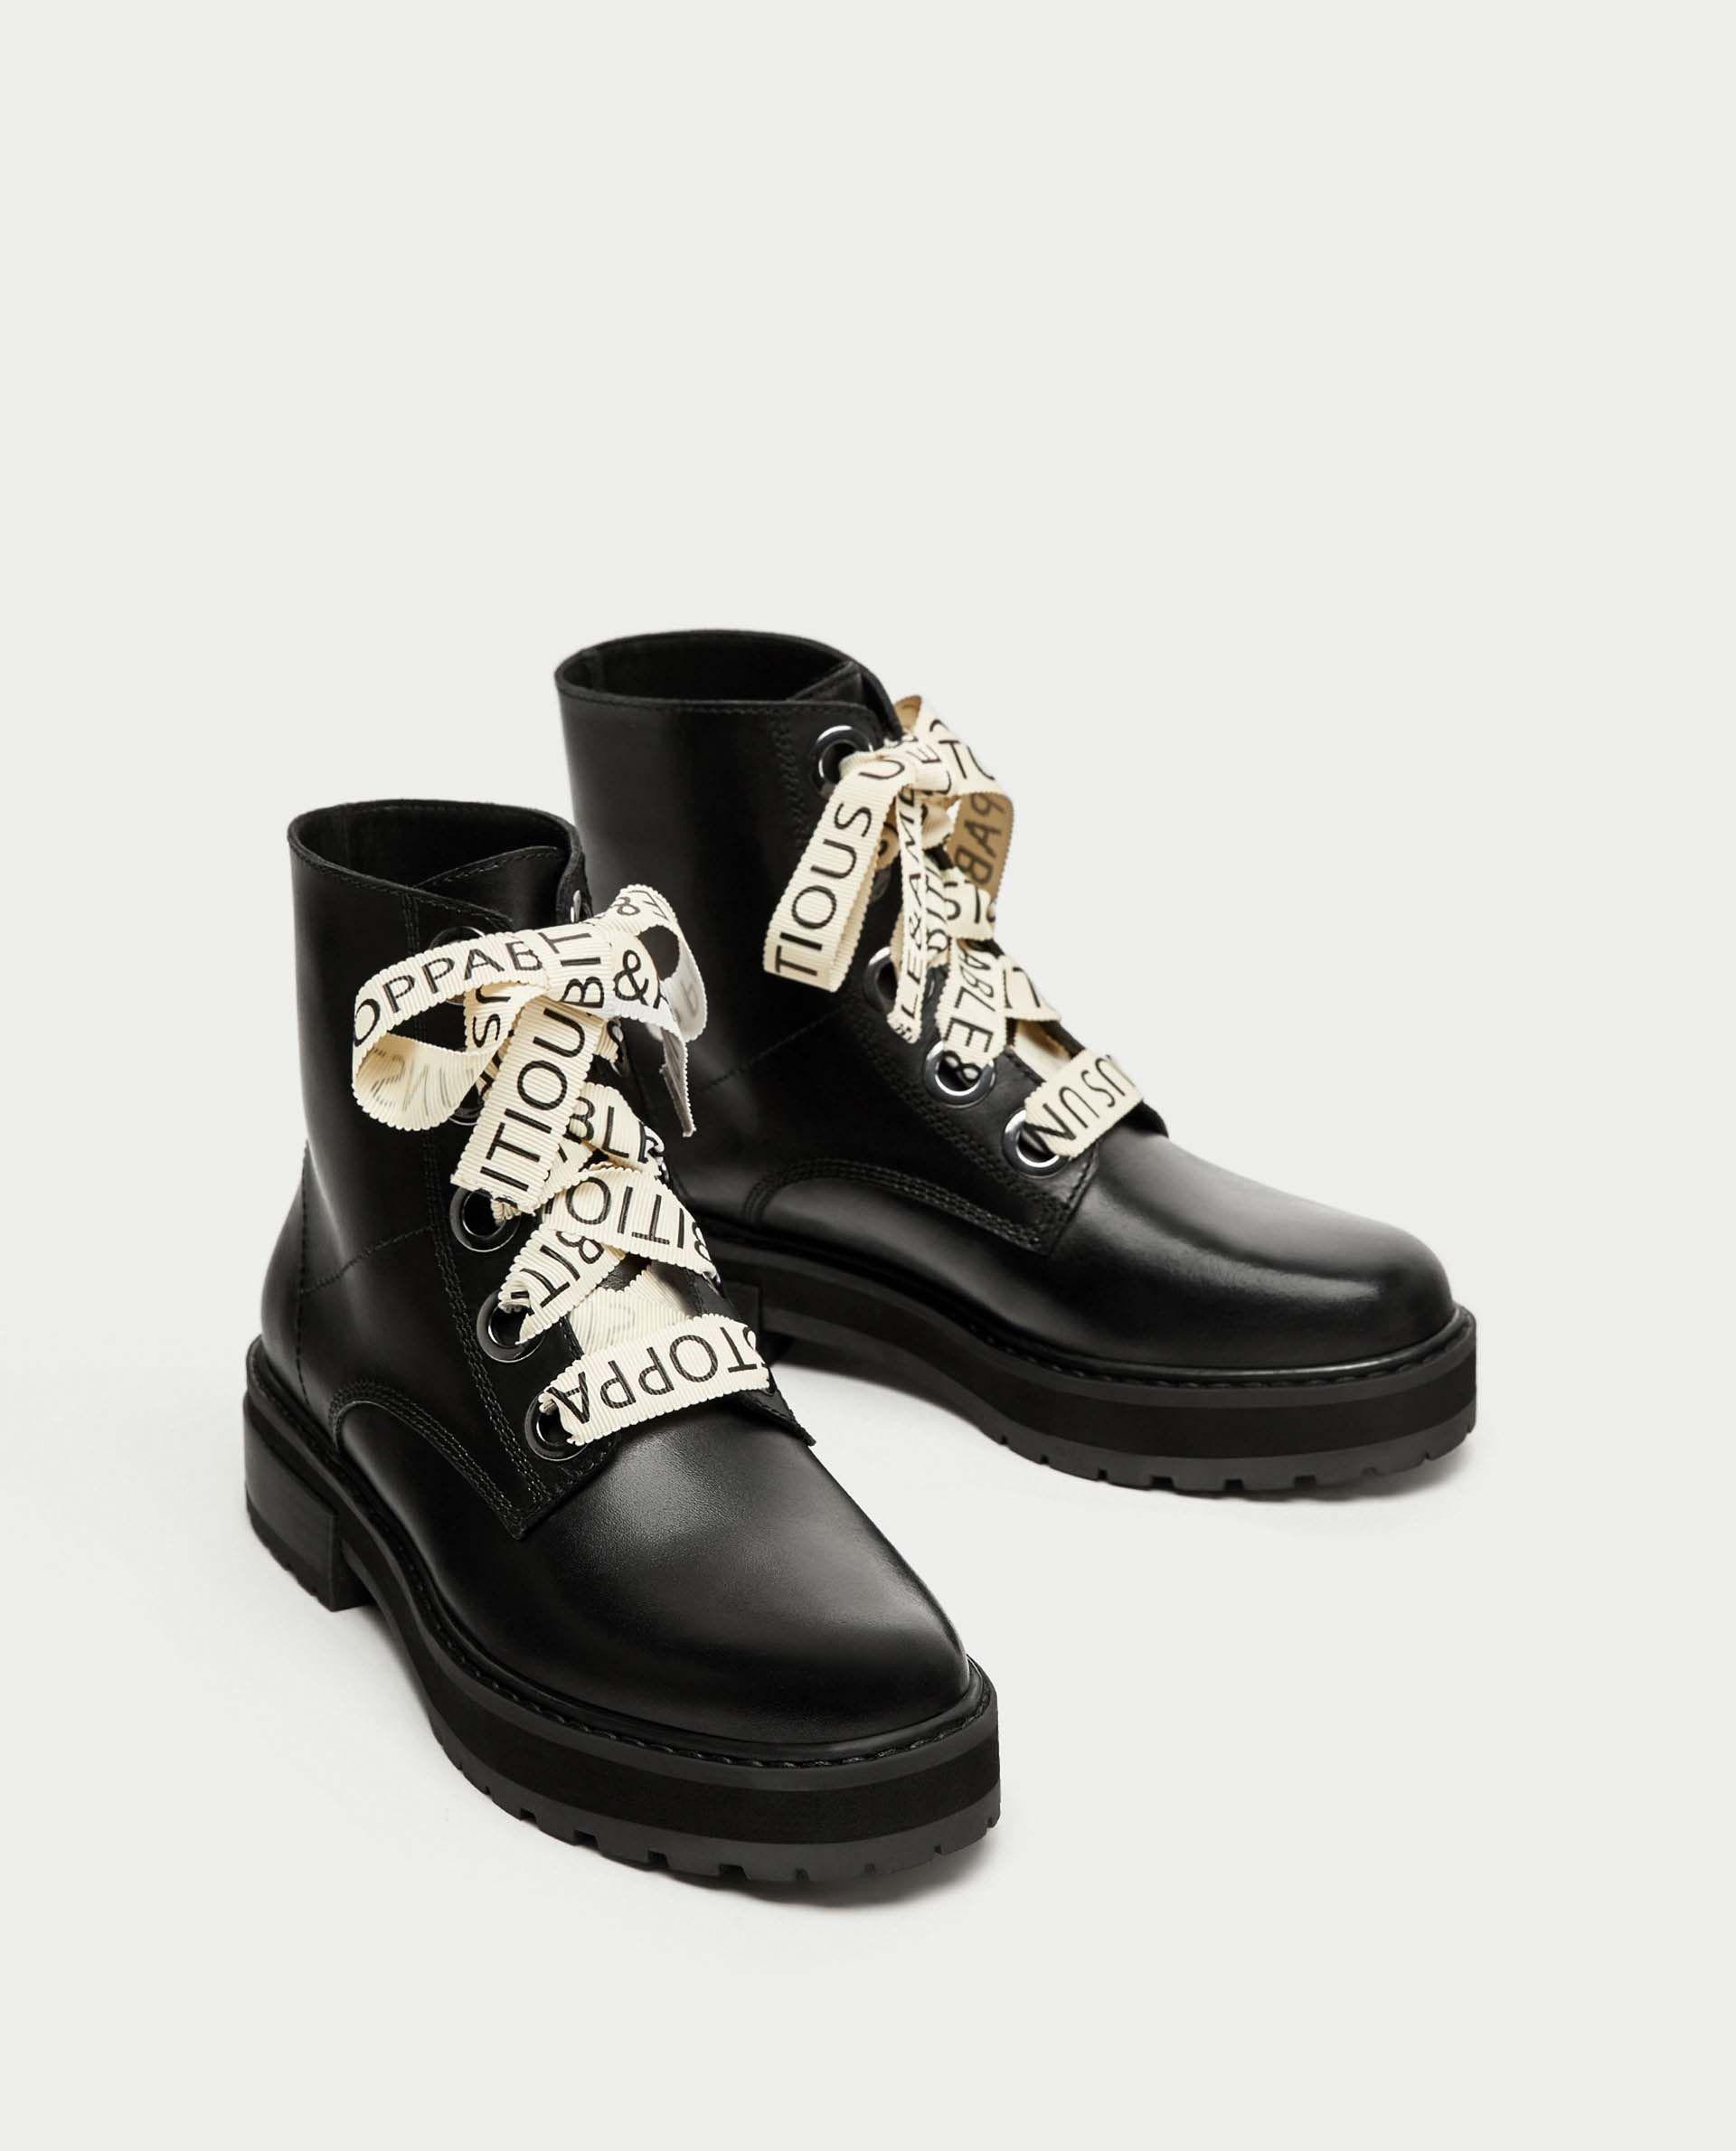 Tendance Boots Nous Font Craquer De Paires 25 Combat Grunge Qui Chic axRTra